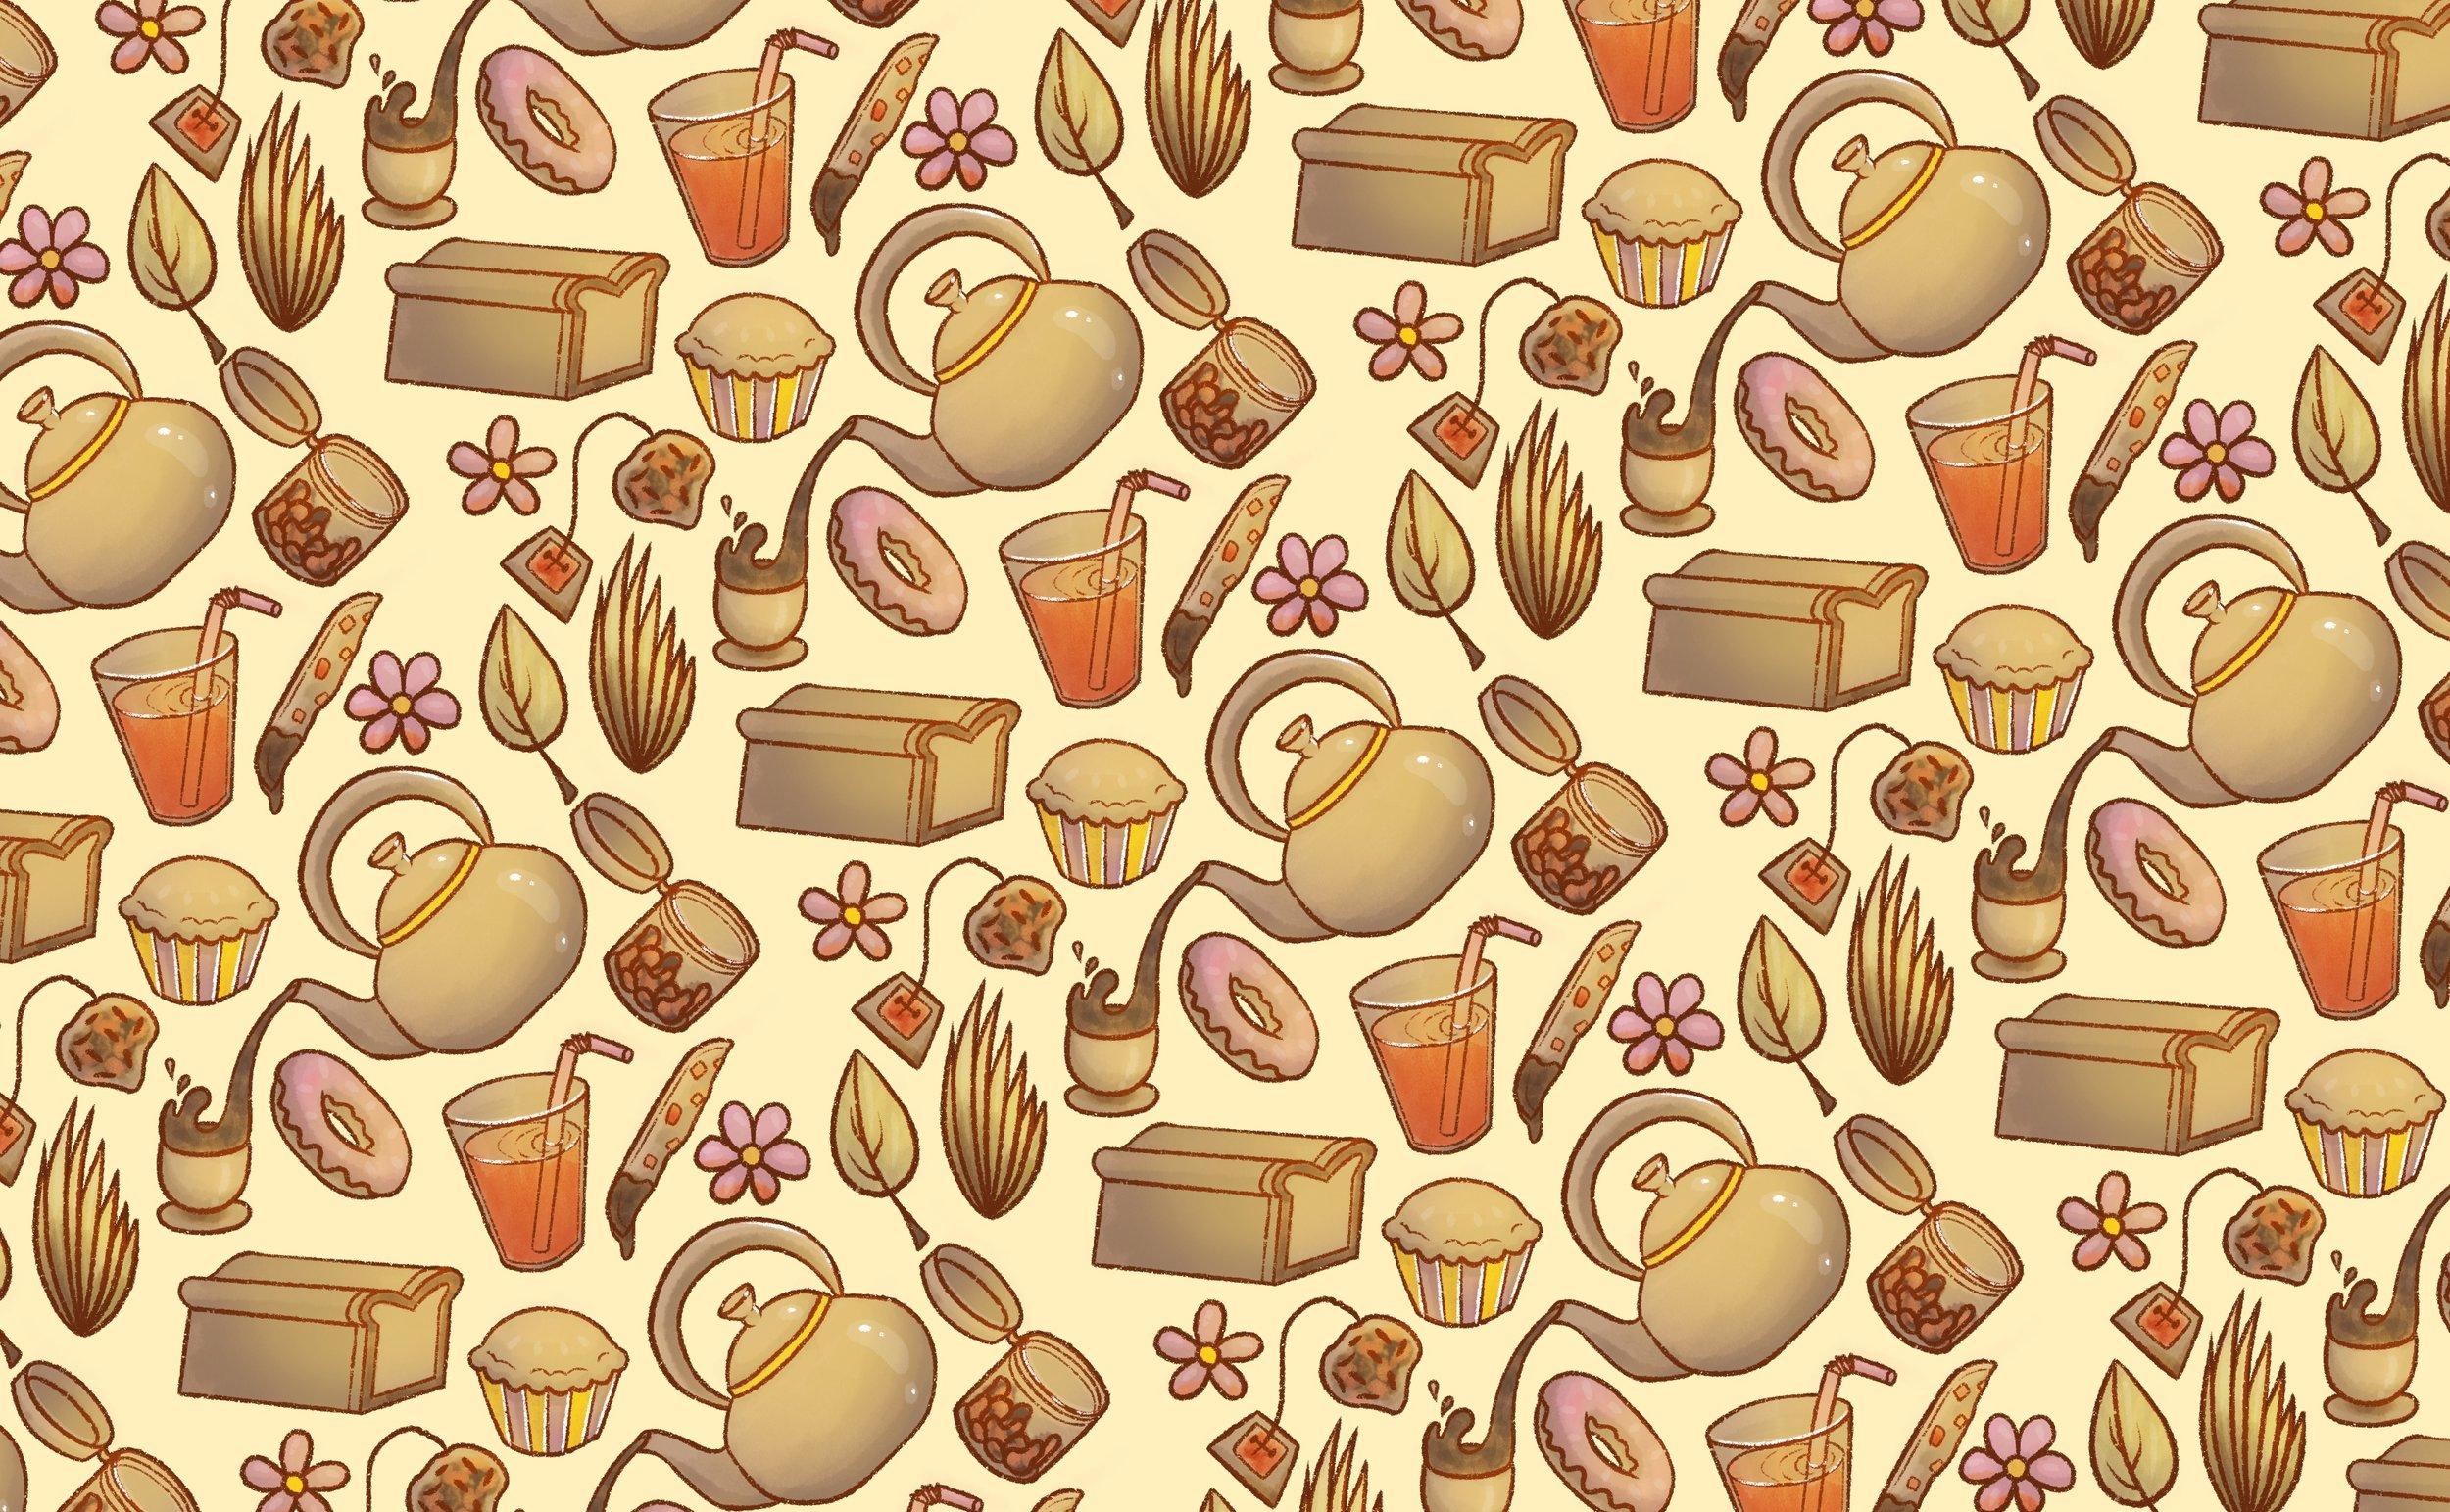 Teas_And_Spices_Prim.jpg